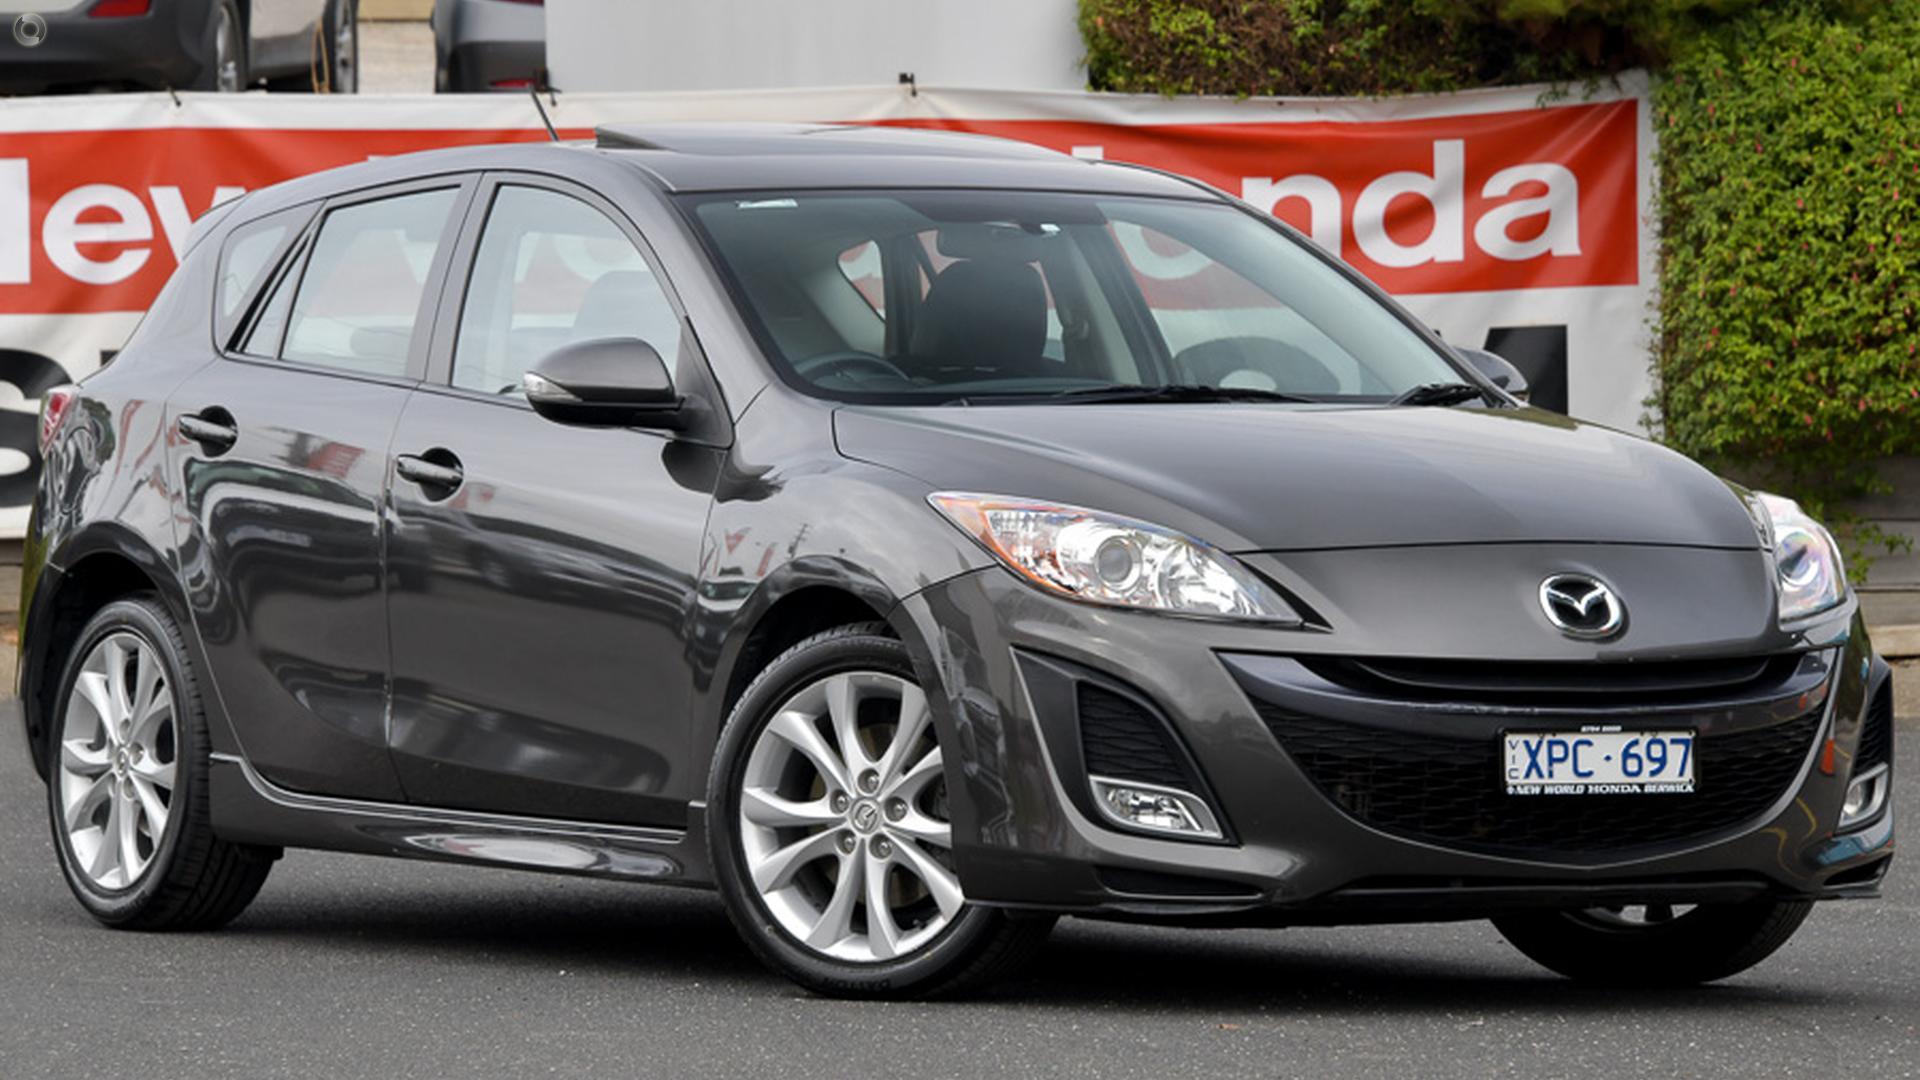 2010 Mazda 3 SP25 BL Series 1